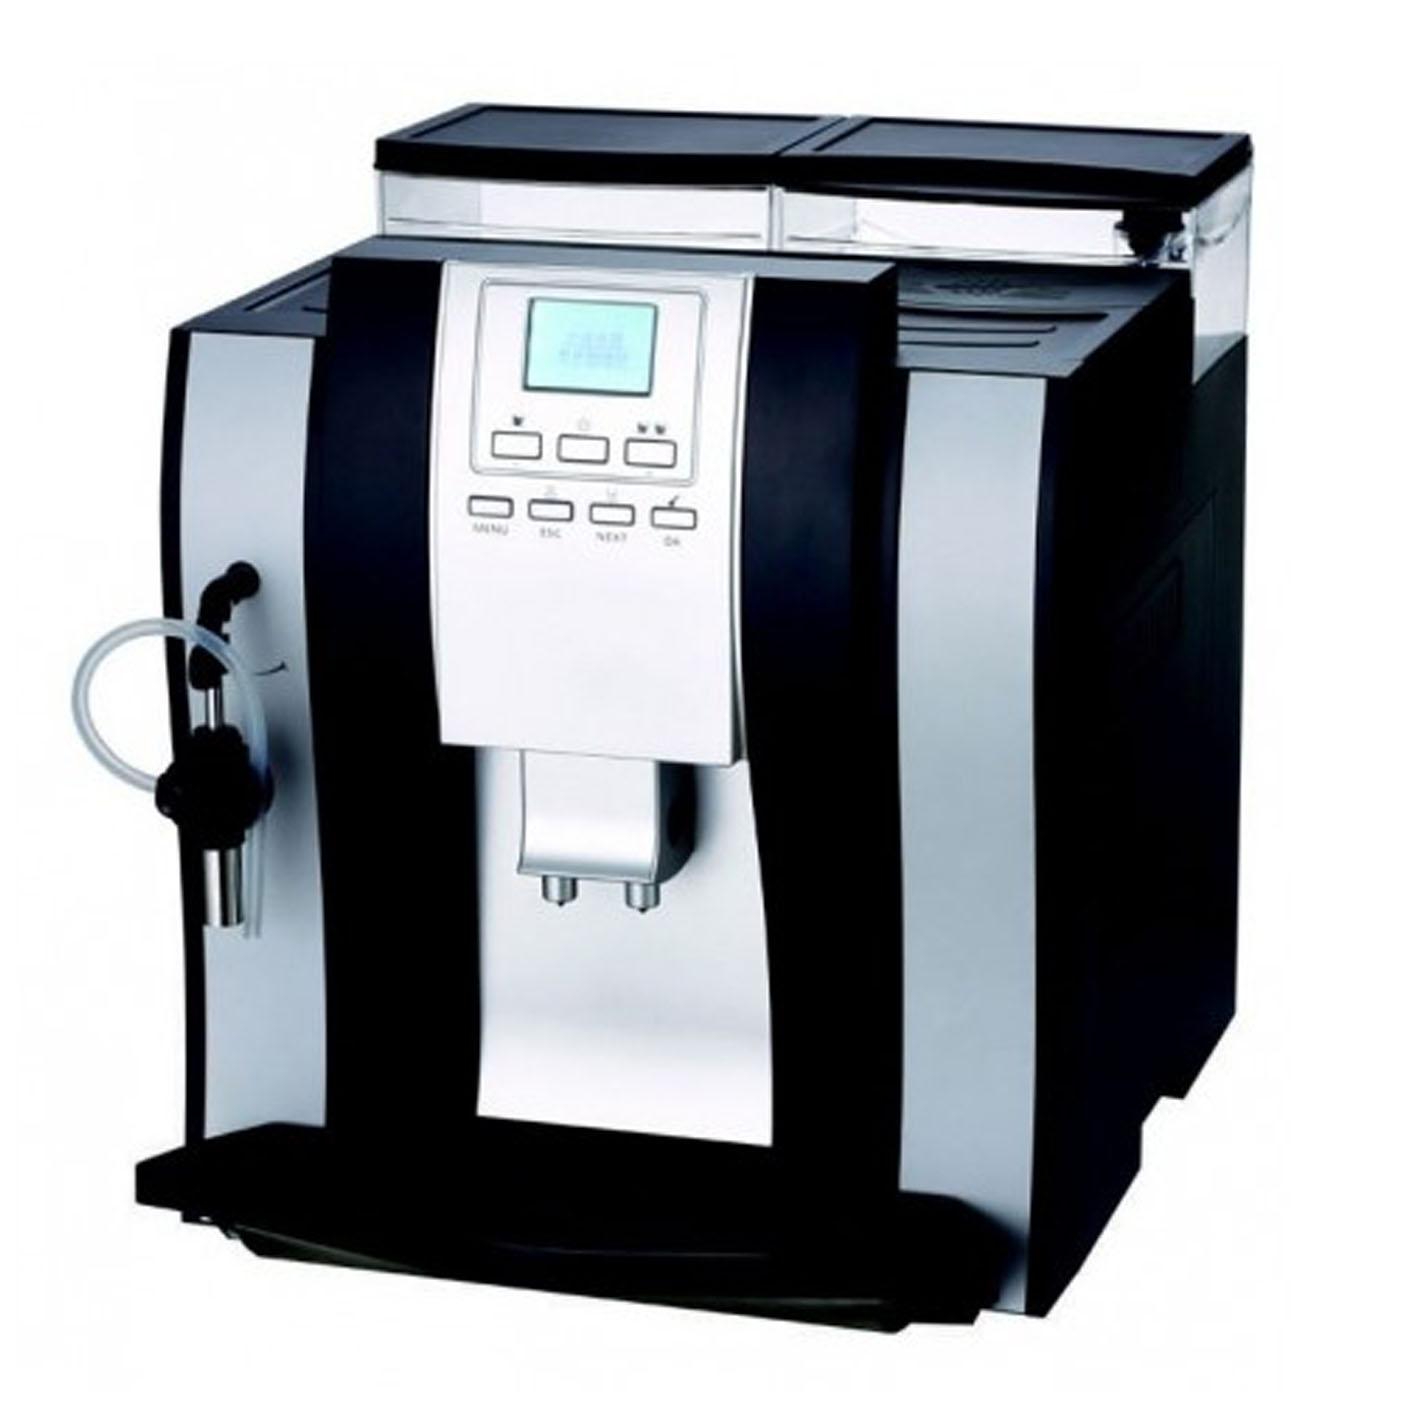 фото зерновой кофемашины